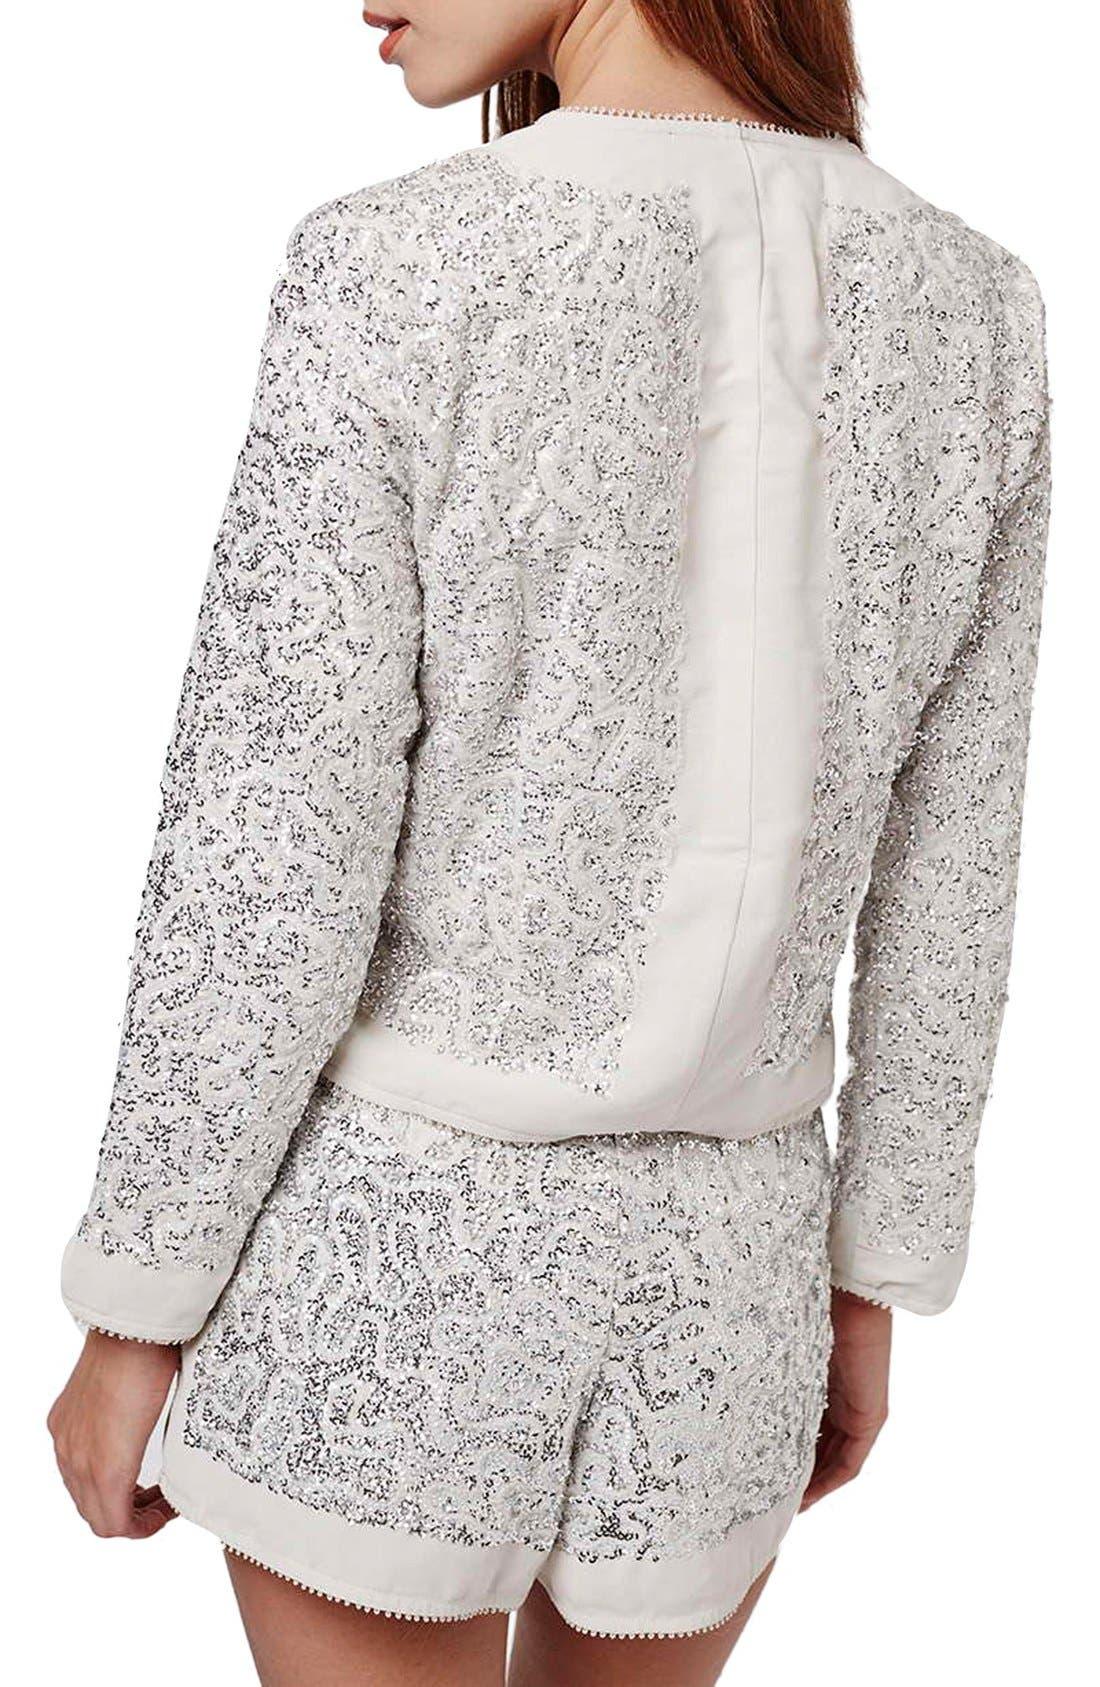 Alternate Image 3  - Topshop Sequin Embellished Jacket (Petite)